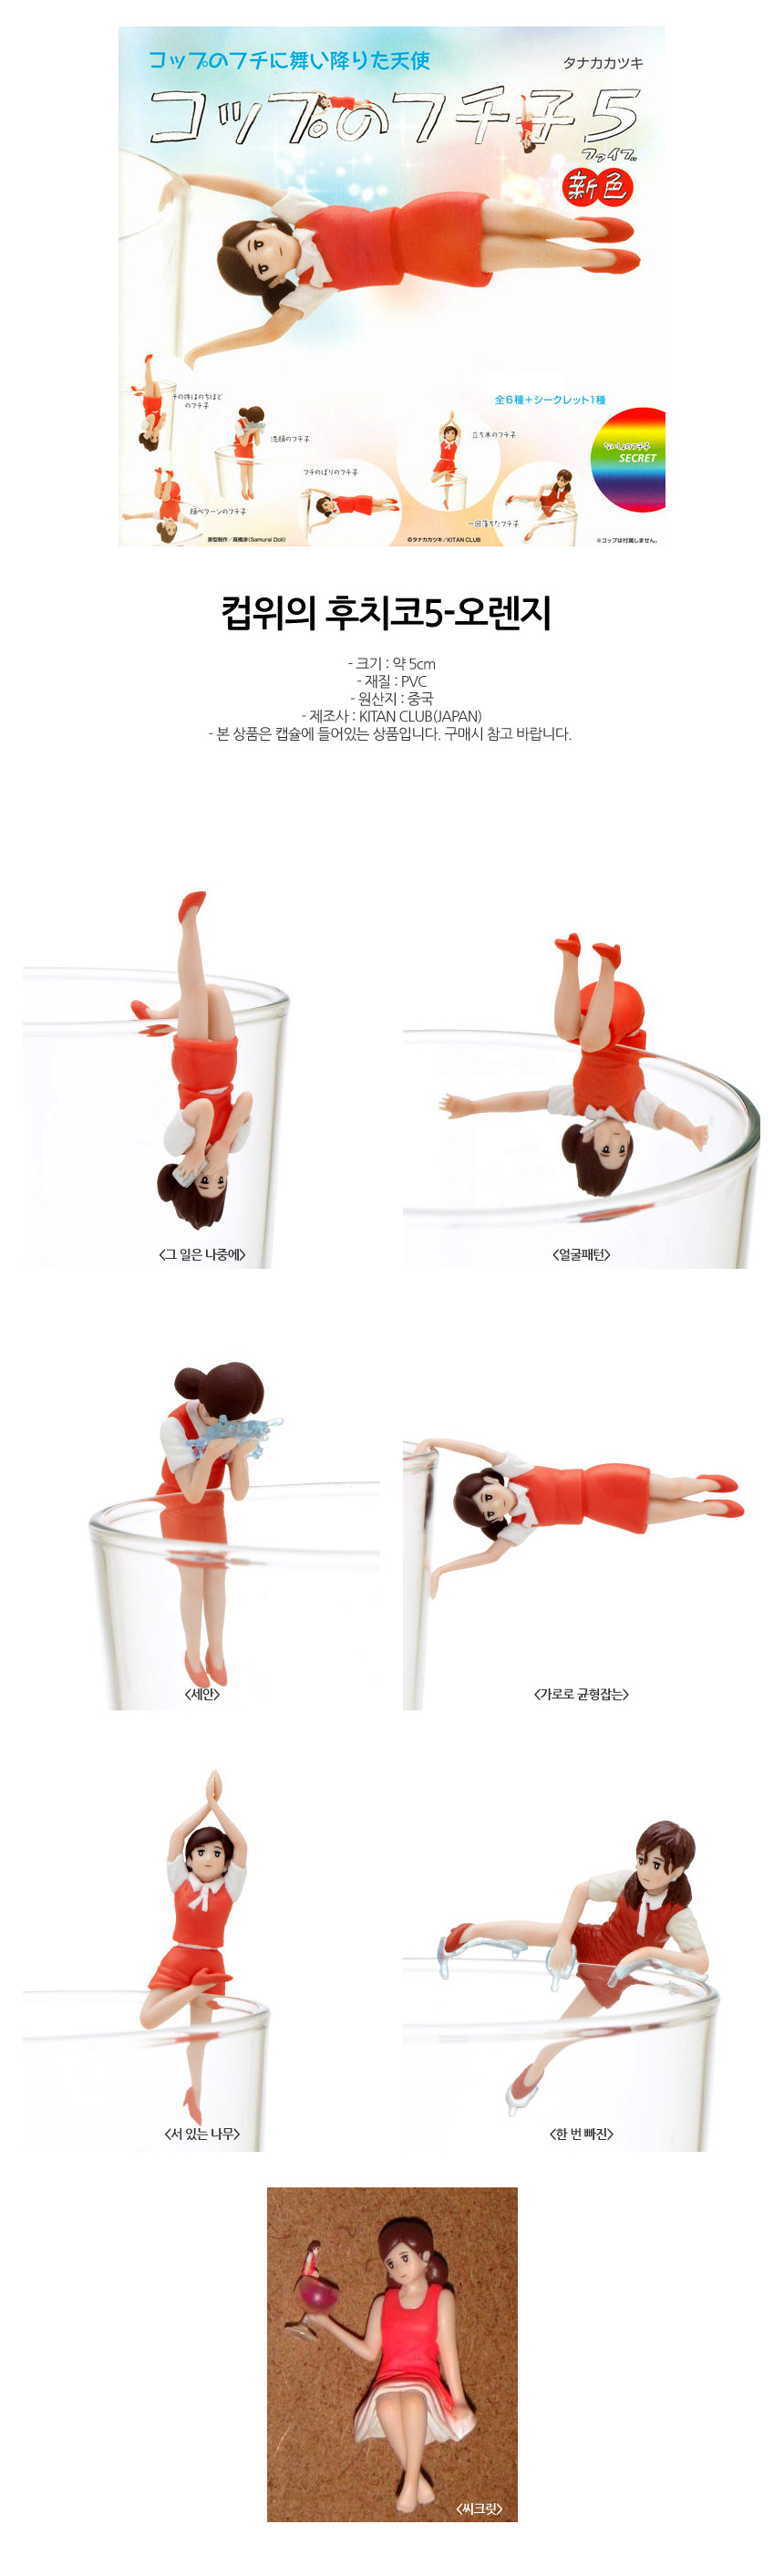 컵위의후치코5(오렌지) - 미니피규어, 3,300원, 아시아 피규어, 후치코